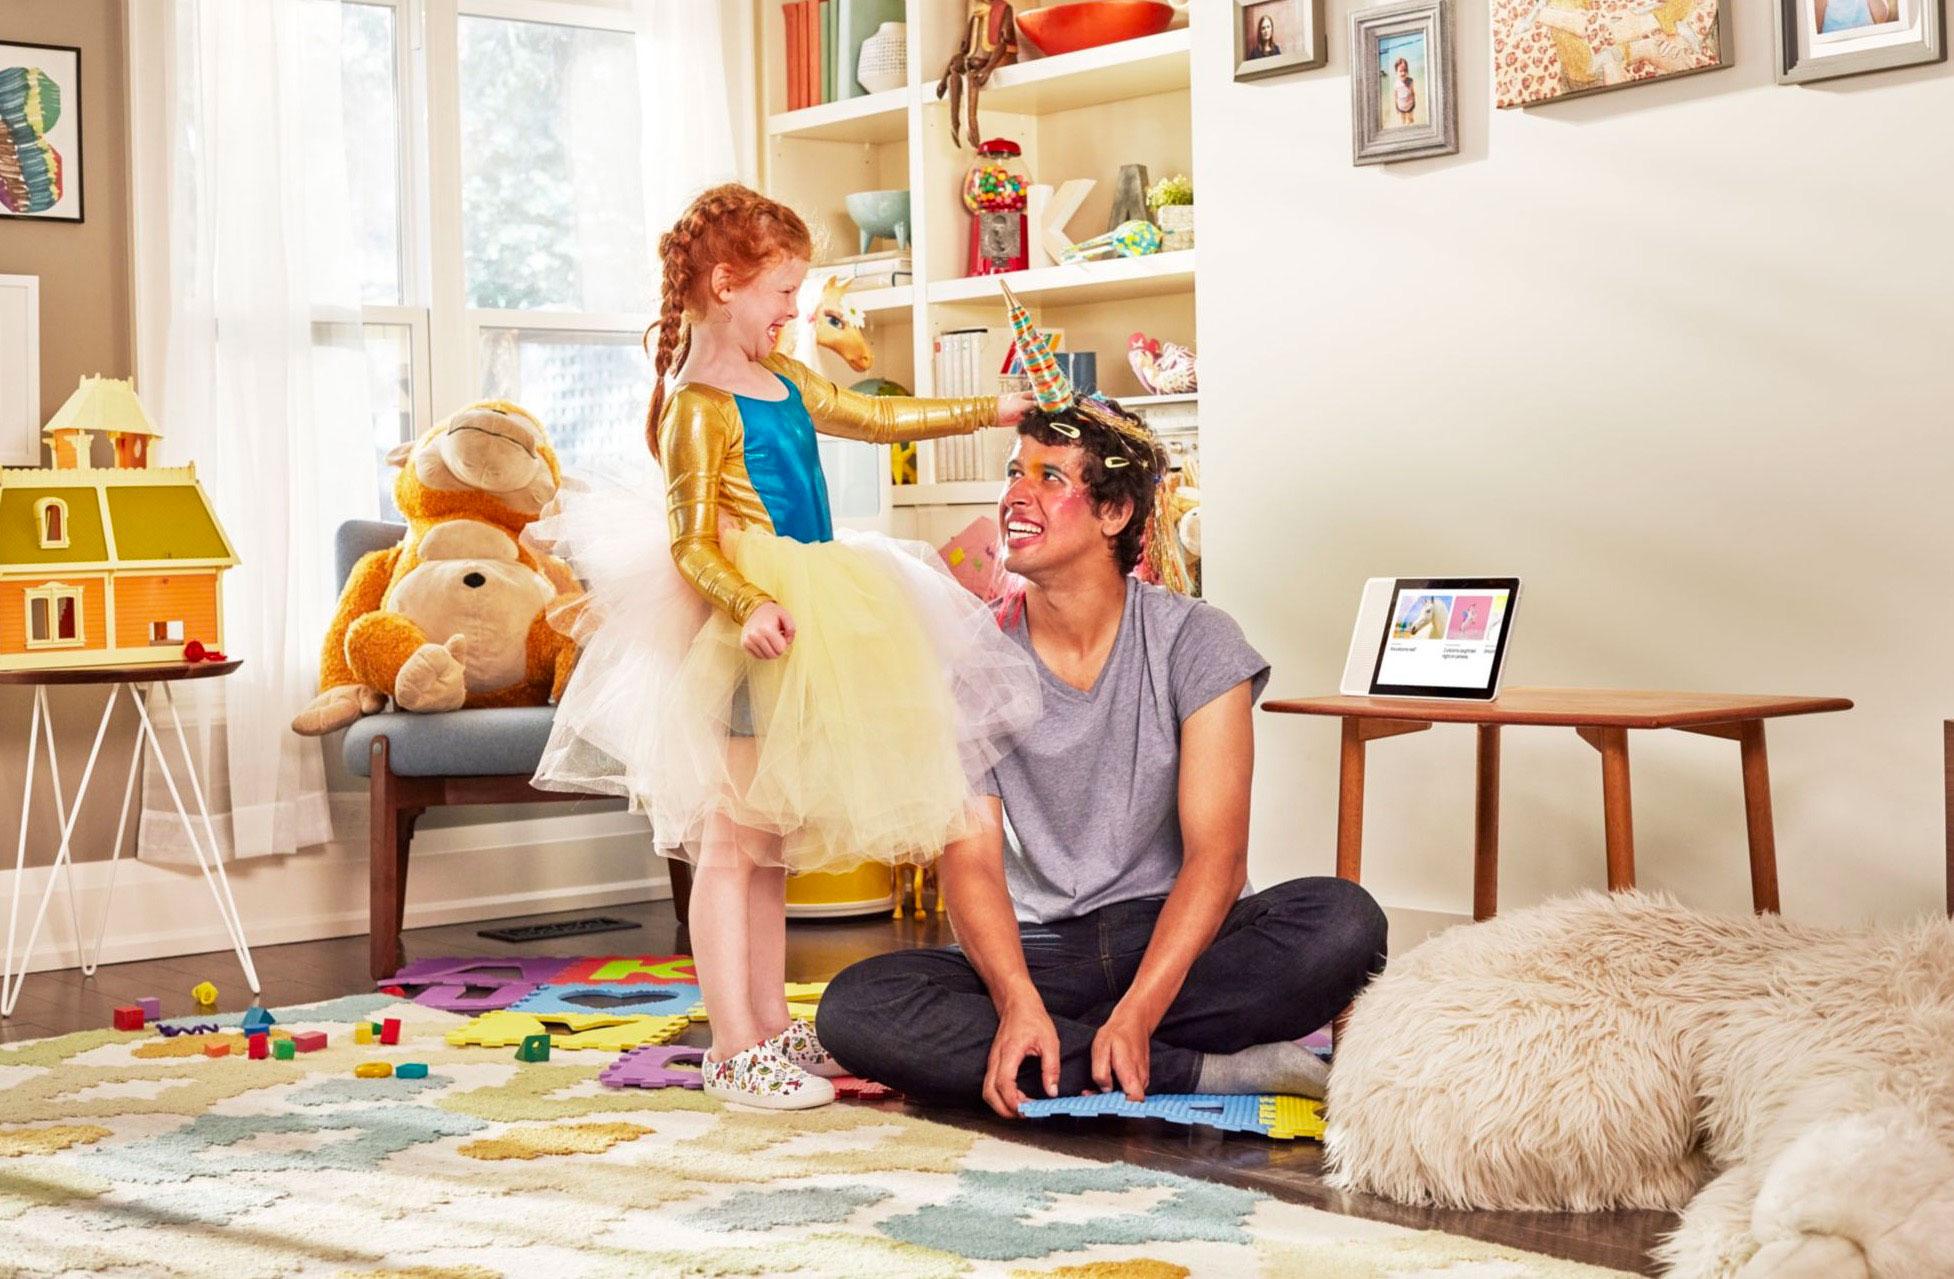 Le Lenovo Smart Display 8, un assistant pour toute la famille